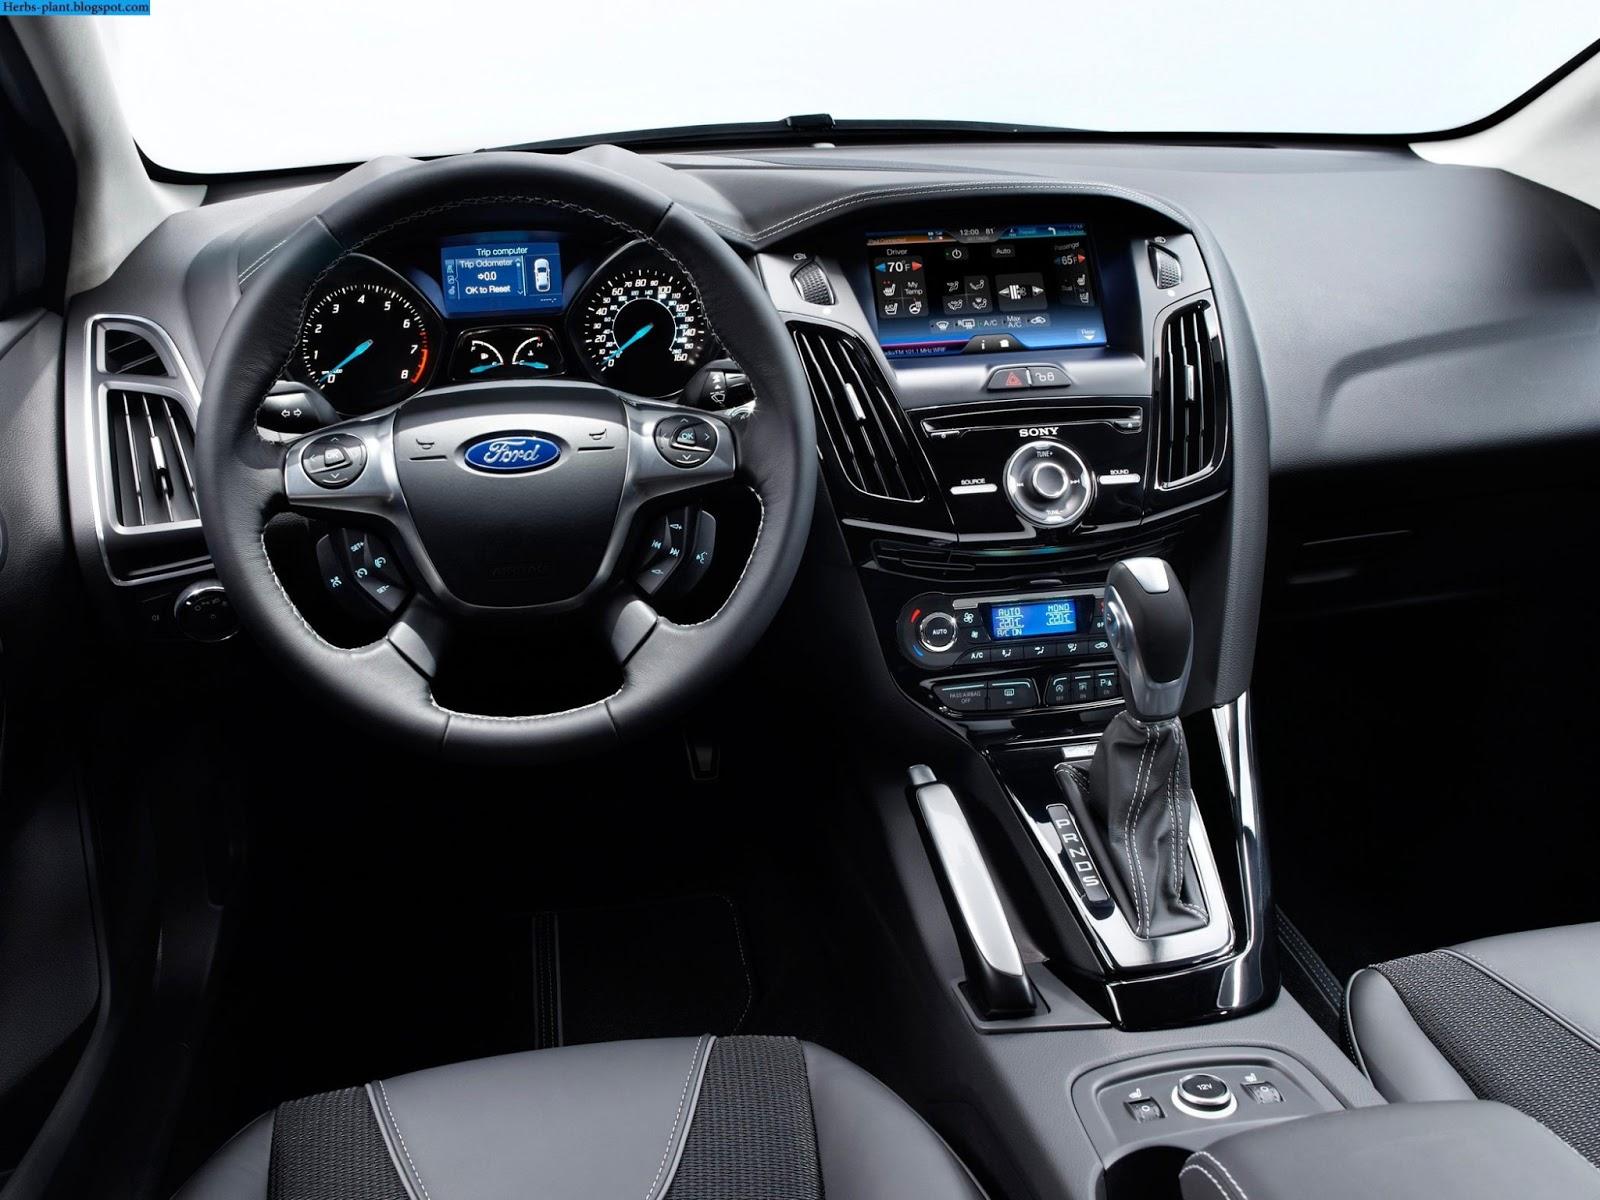 Ford focus car 2013 dashboard - صور تابلوه سيارة فورد فوكس 2013